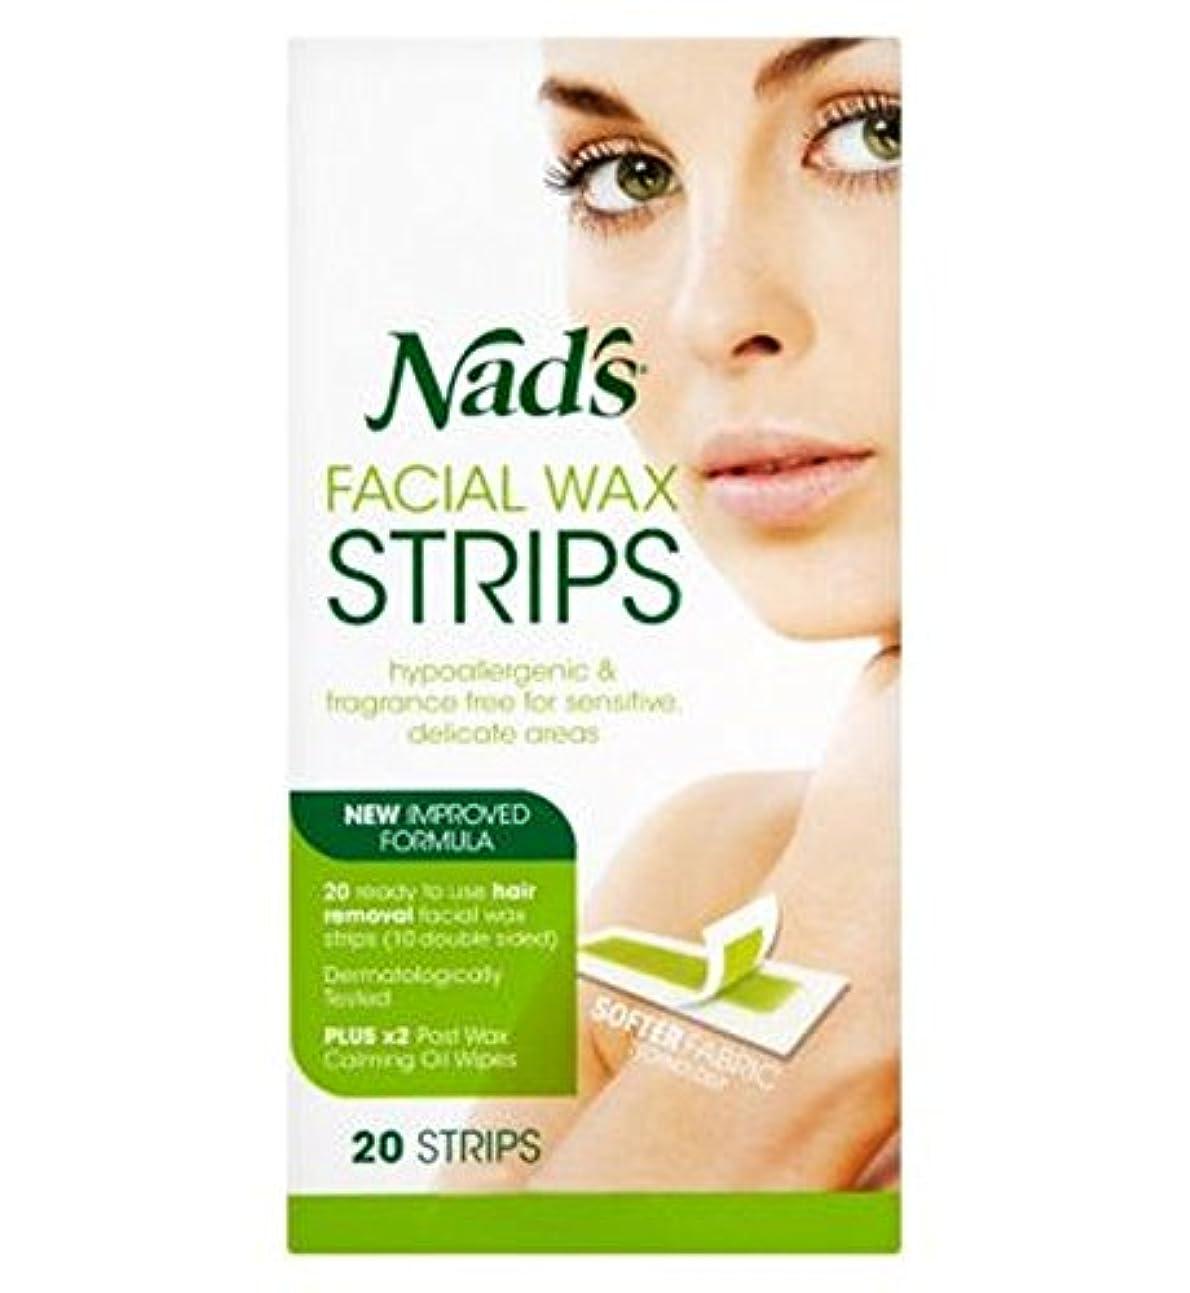 始まり羊象Nadの顔のワックスストリップ20代 (Nad's) (x2) - Nad's Facial Wax Strips 20s (Pack of 2) [並行輸入品]